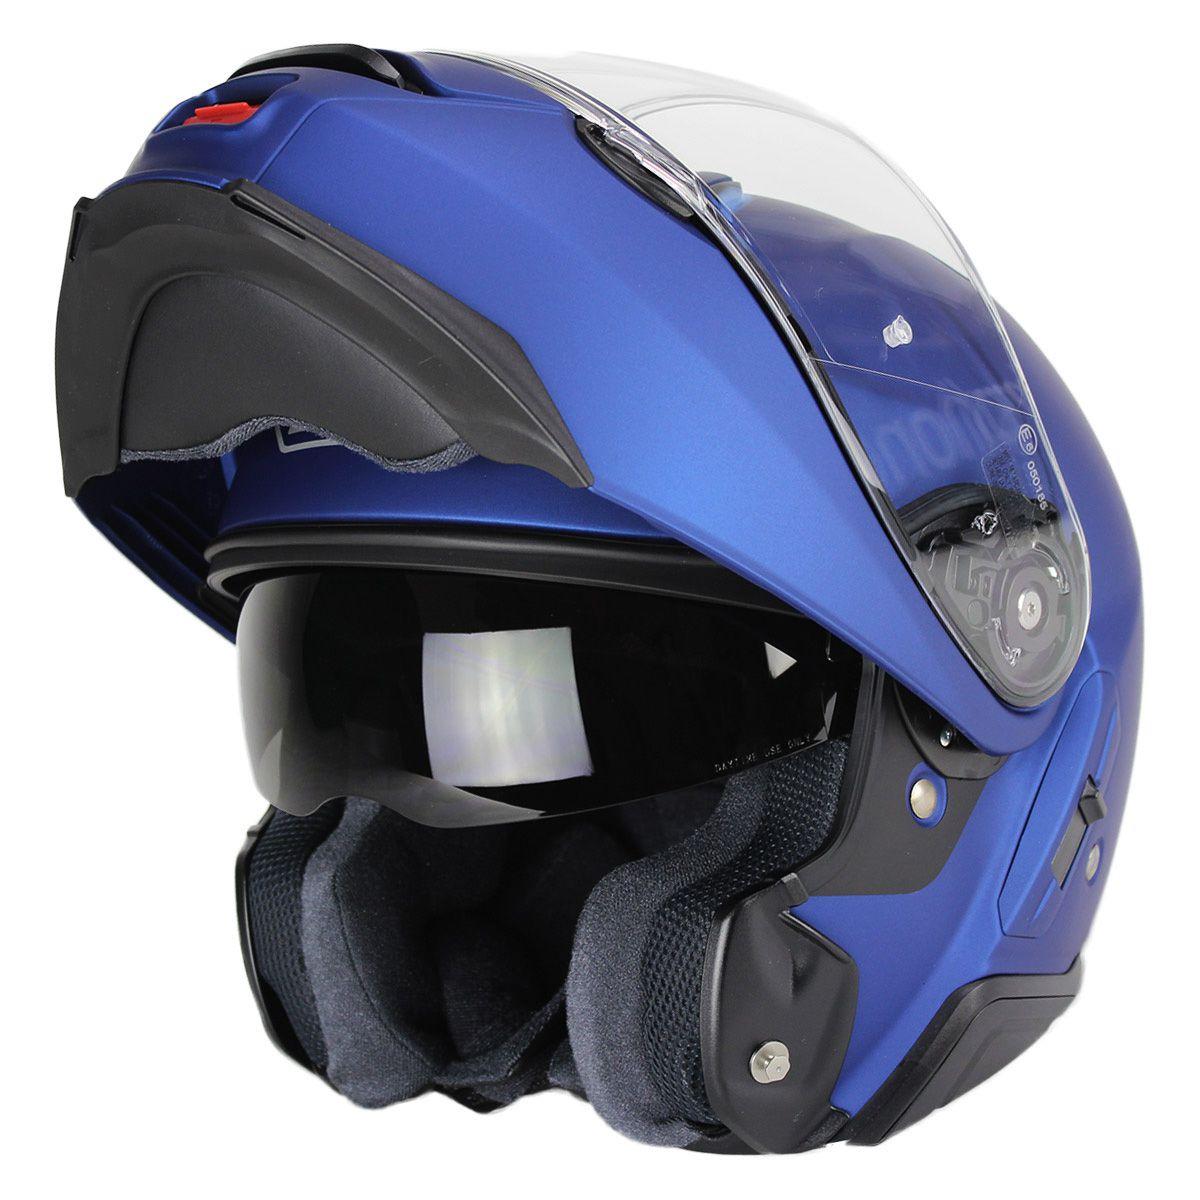 Capacete Shoei Neotec 2 Azul Fosco Escamoteável LANÇAMENTO!!!   - Planet Bike Shop Moto Acessórios